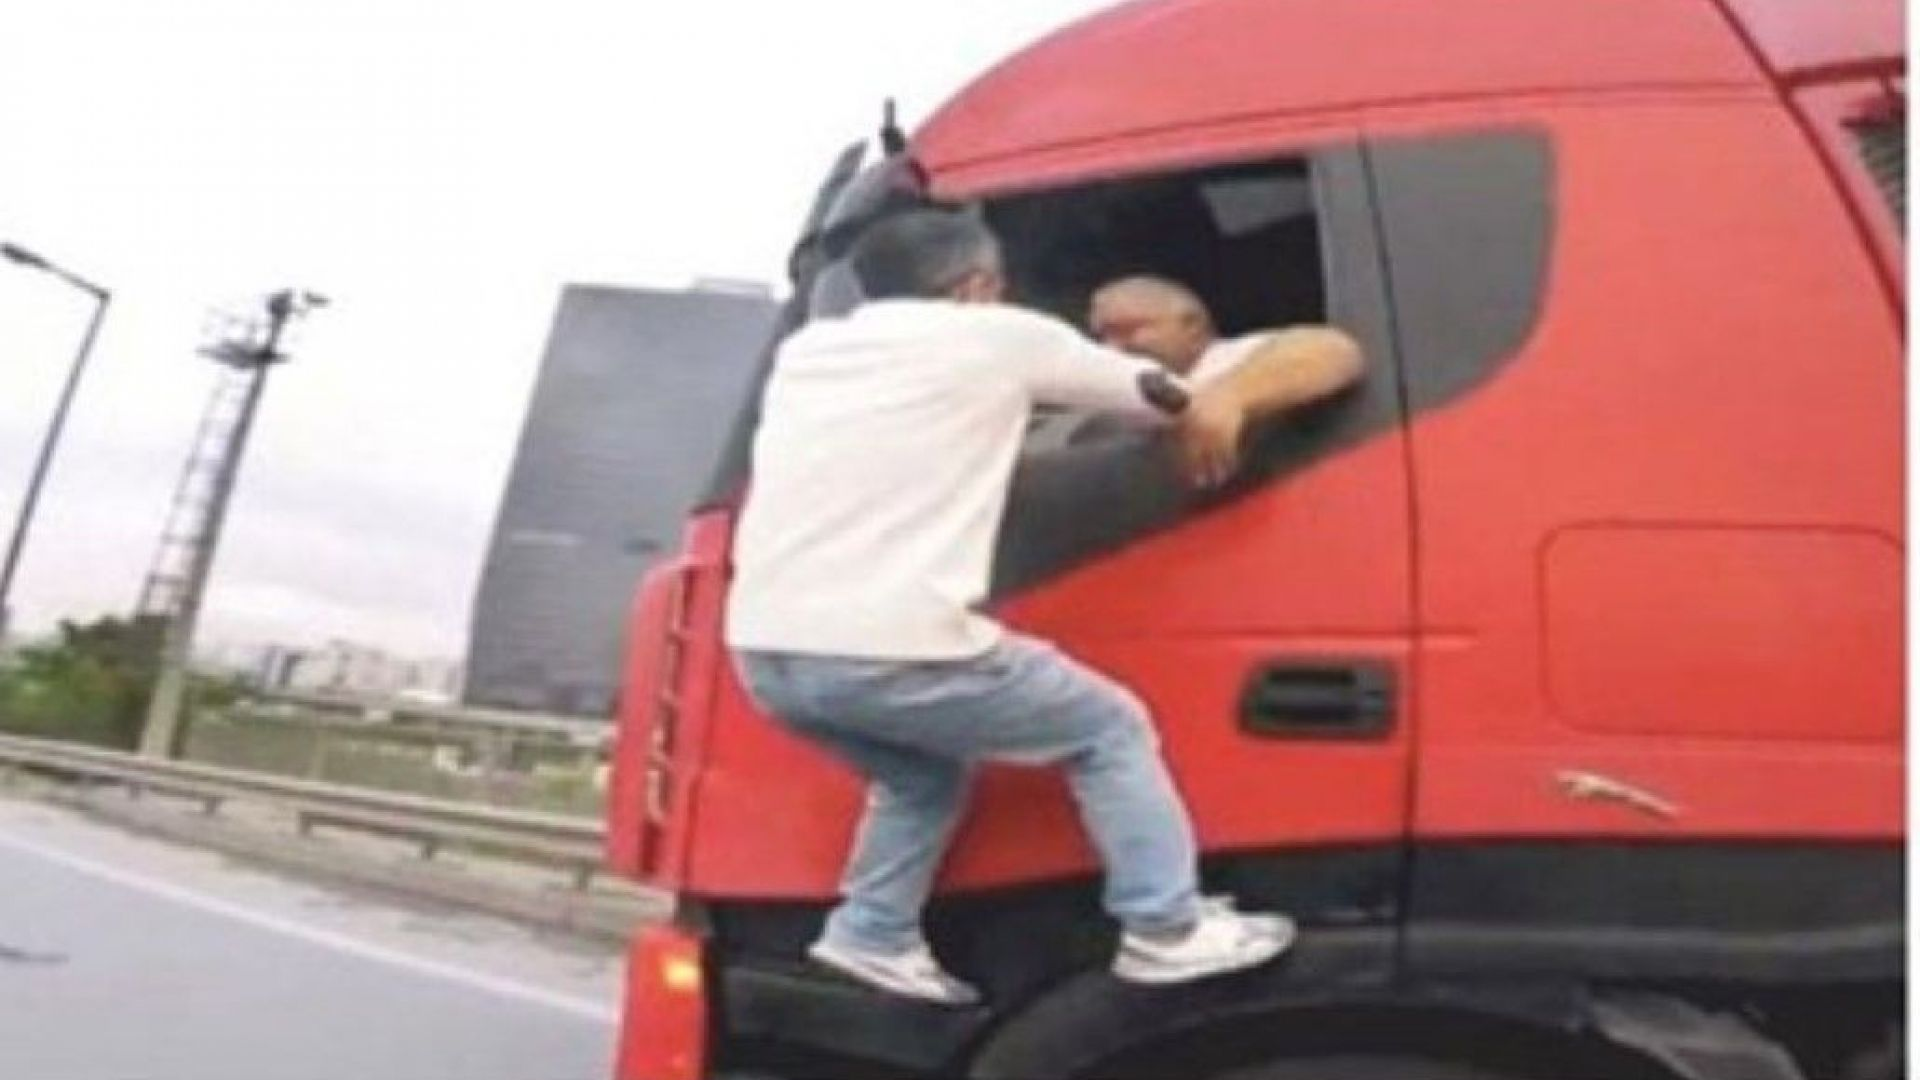 Български шофьор на ТИР участва в екшън на пътя в Истанбул